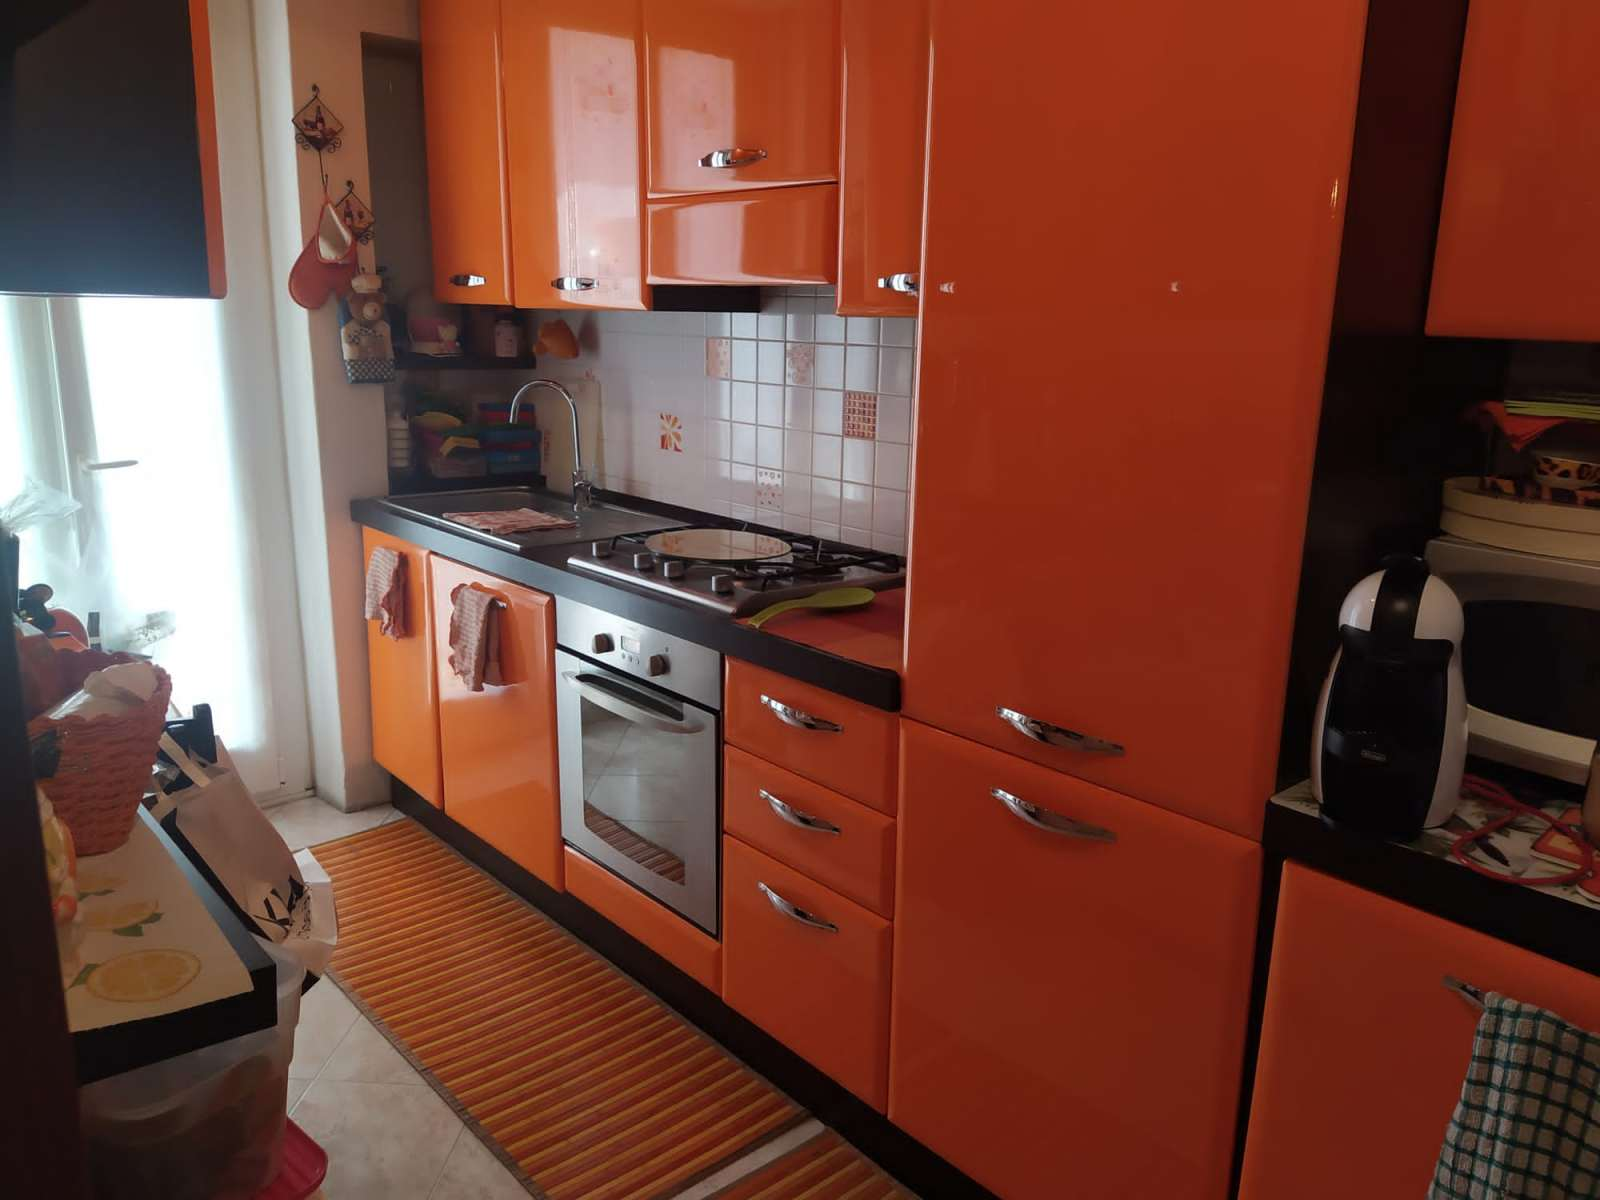 appartamento-bilocale-in-vendita-a-corsico-spaziourbano-immobiliare-vende-2